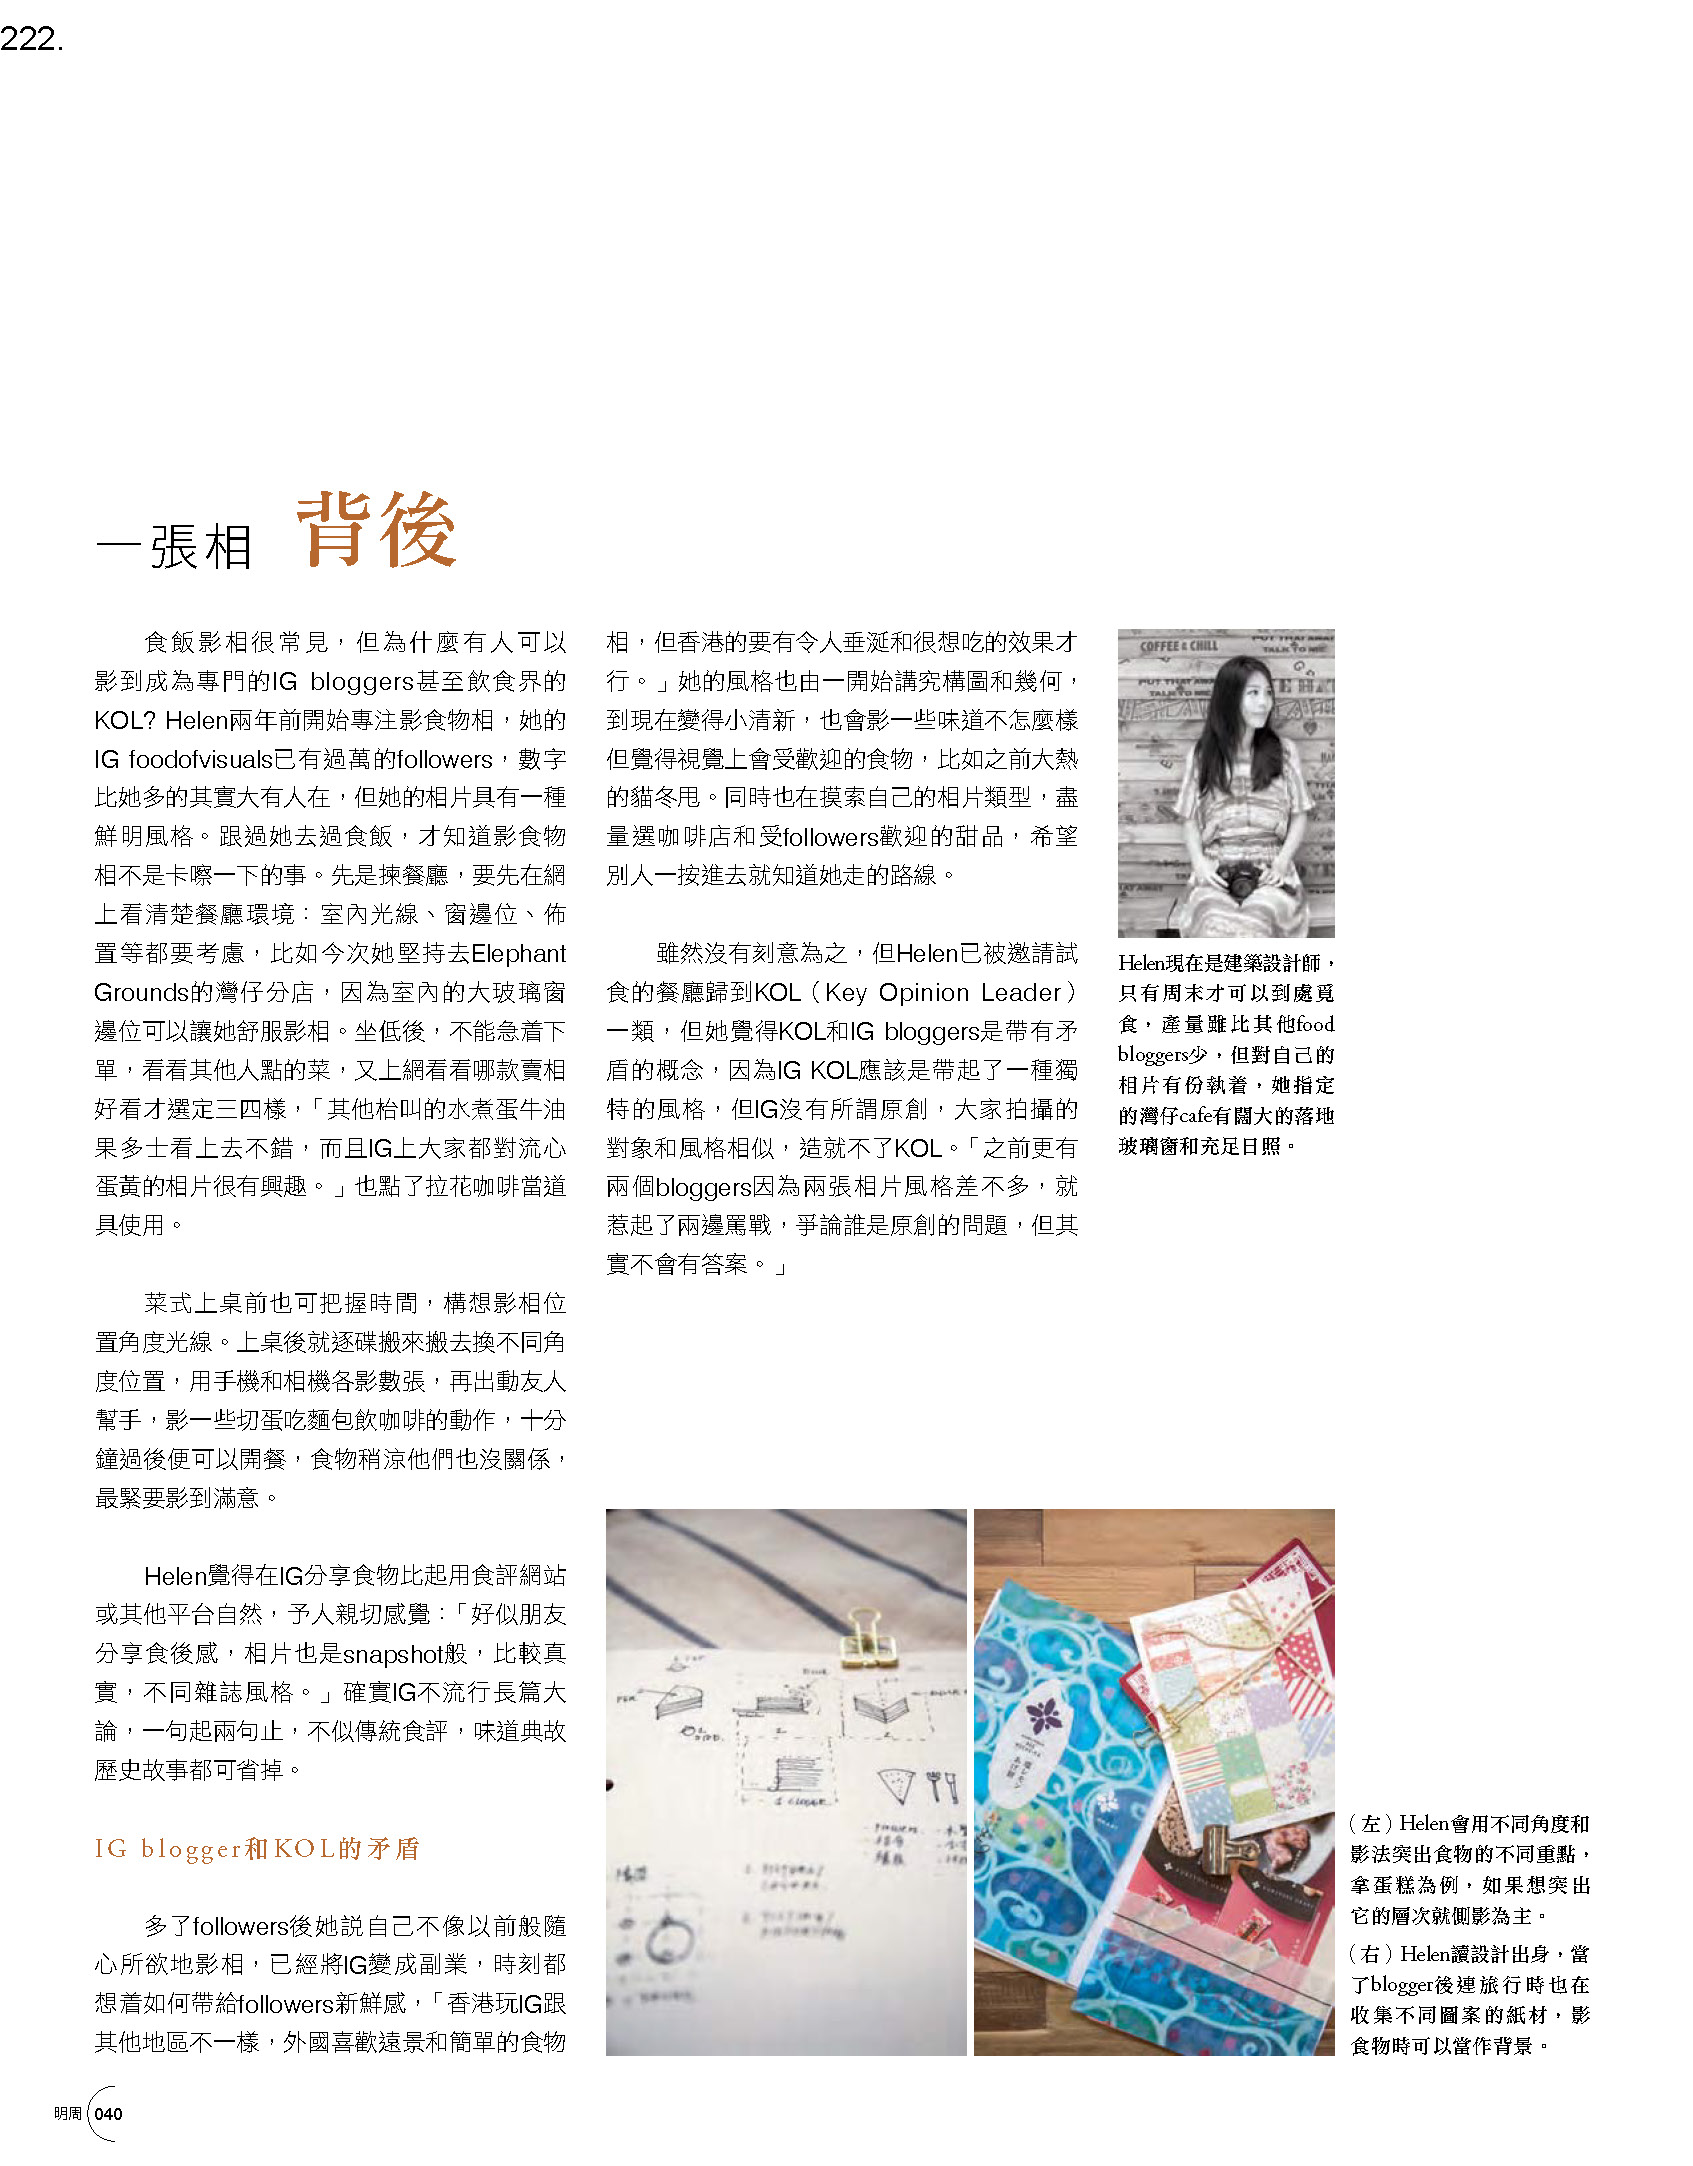 FOV from 明報周刊2016年总第2492期_Page_2.jpg